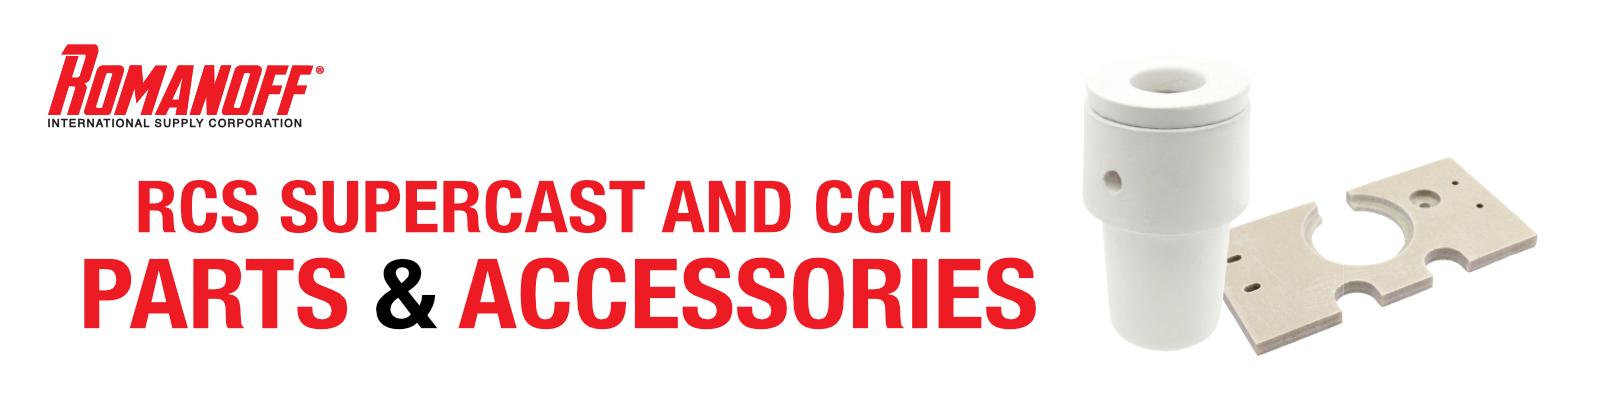 RCS & CCM Crucibles & Parts